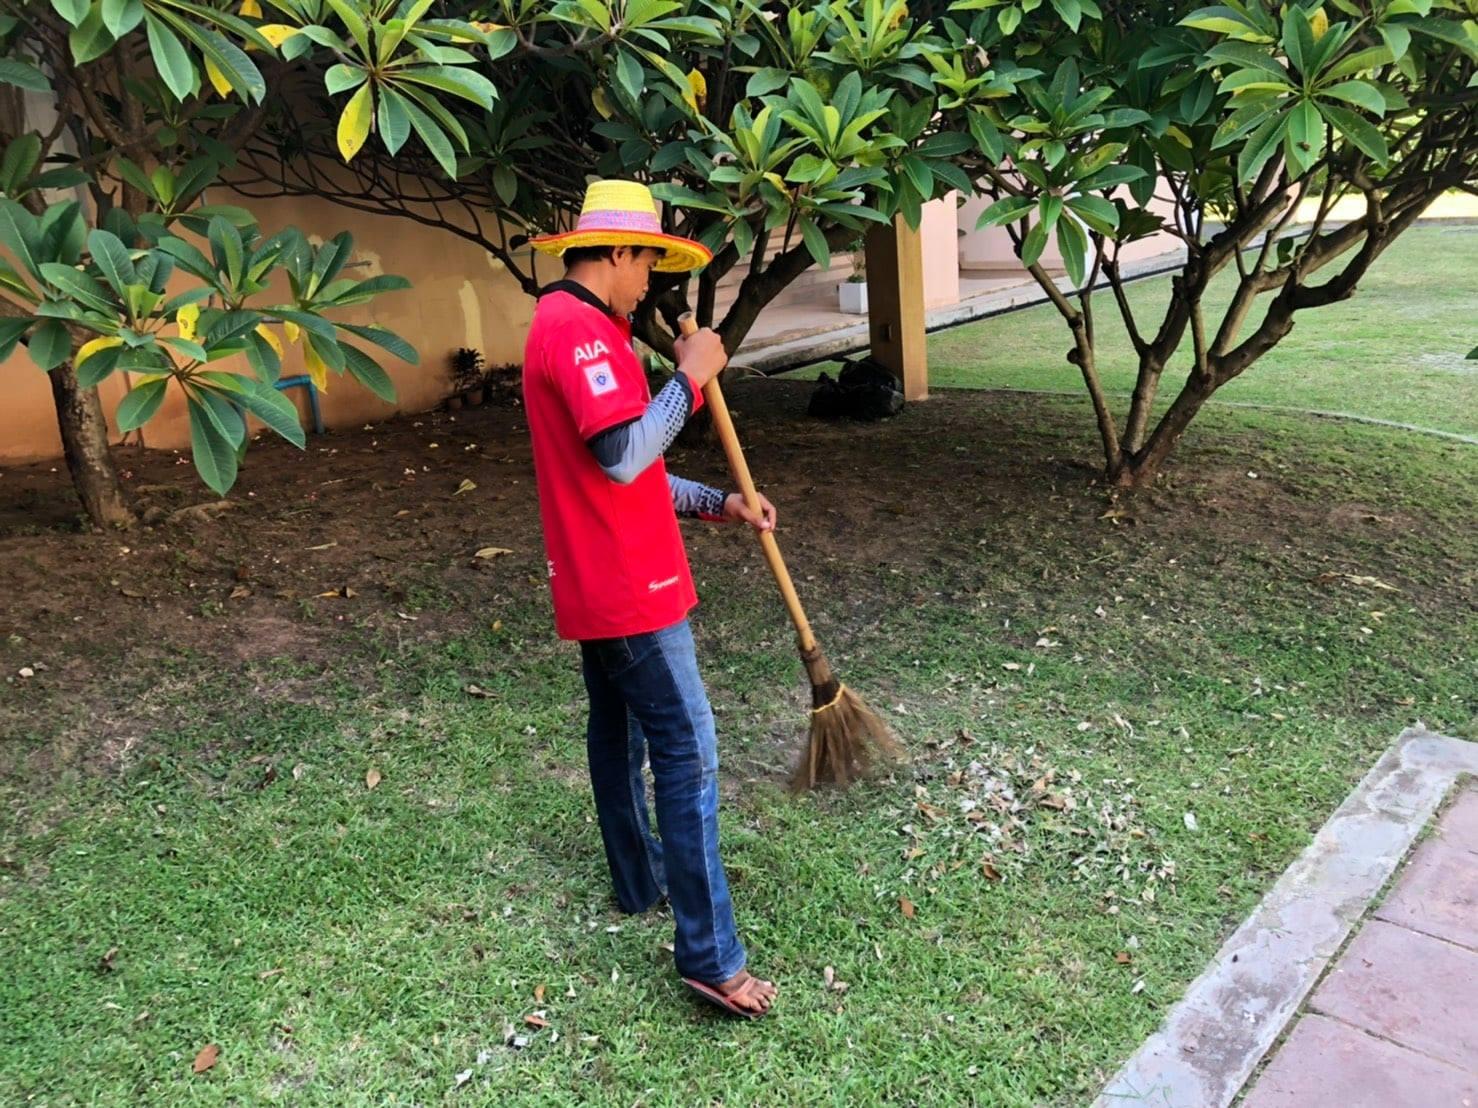 กิจกรรม   Cleaning Day   ประจำวันอาทิตย์ที่ ๒๐ มิถุนายน พ.ศ. ๒๕๖๔